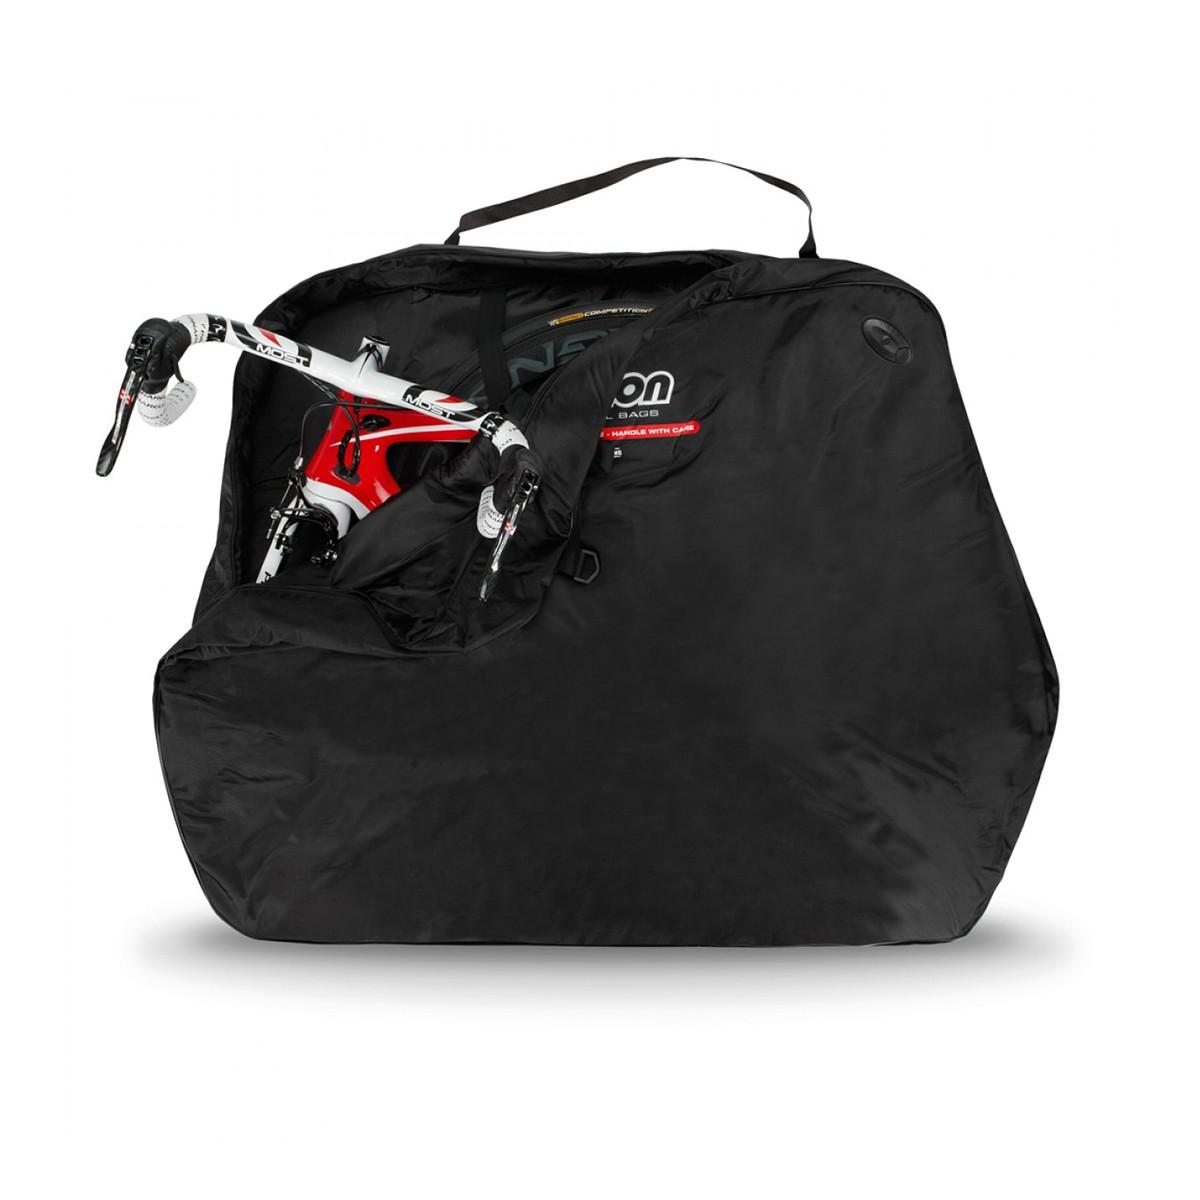 scicon-travel-bag-basic.jpg